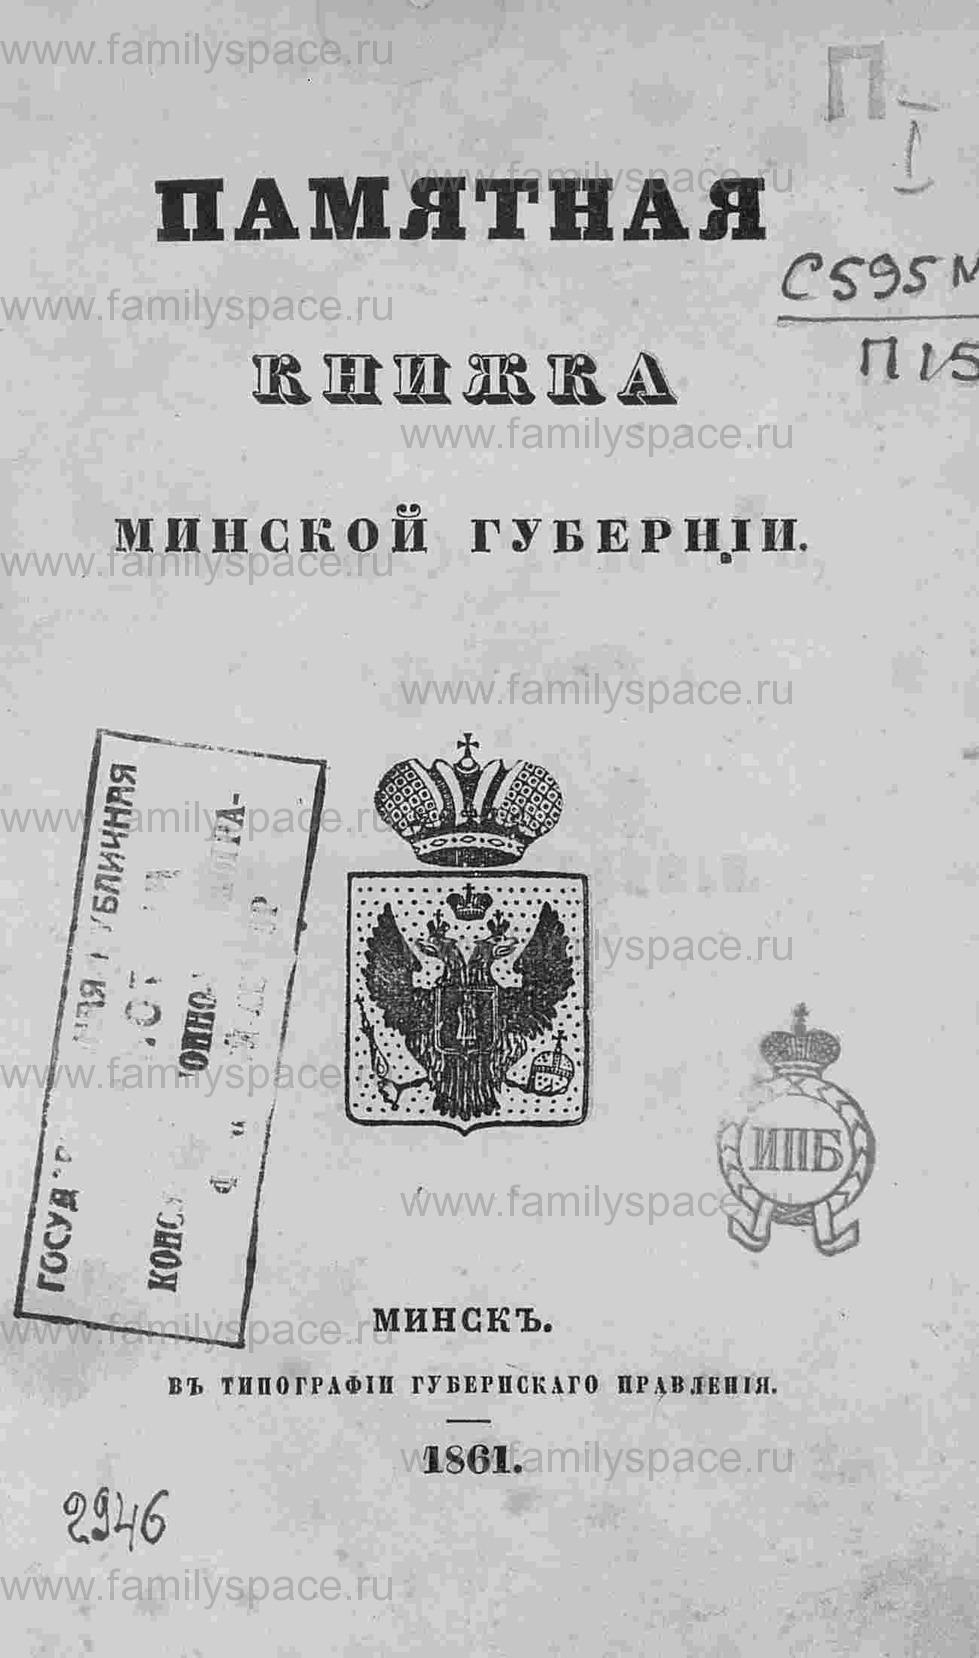 Поиск по фамилии - Памятная книжка Минской губернии на 1861 год, страница 4